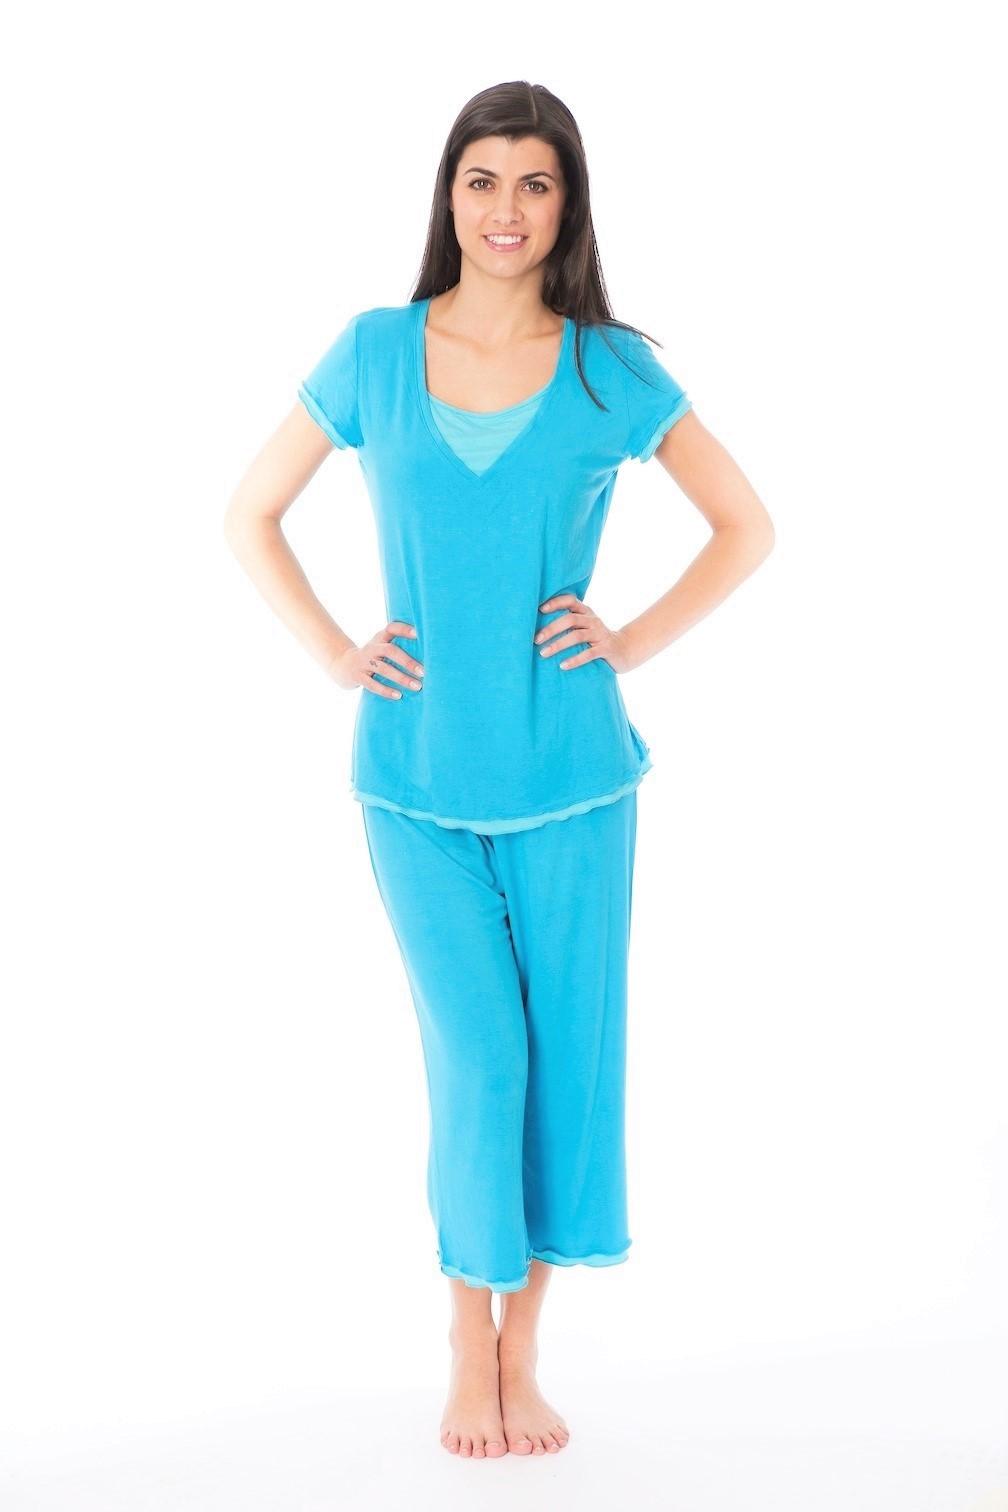 la-leche-league-comfy-tshirt-nursing-pjs-aqua.jpg